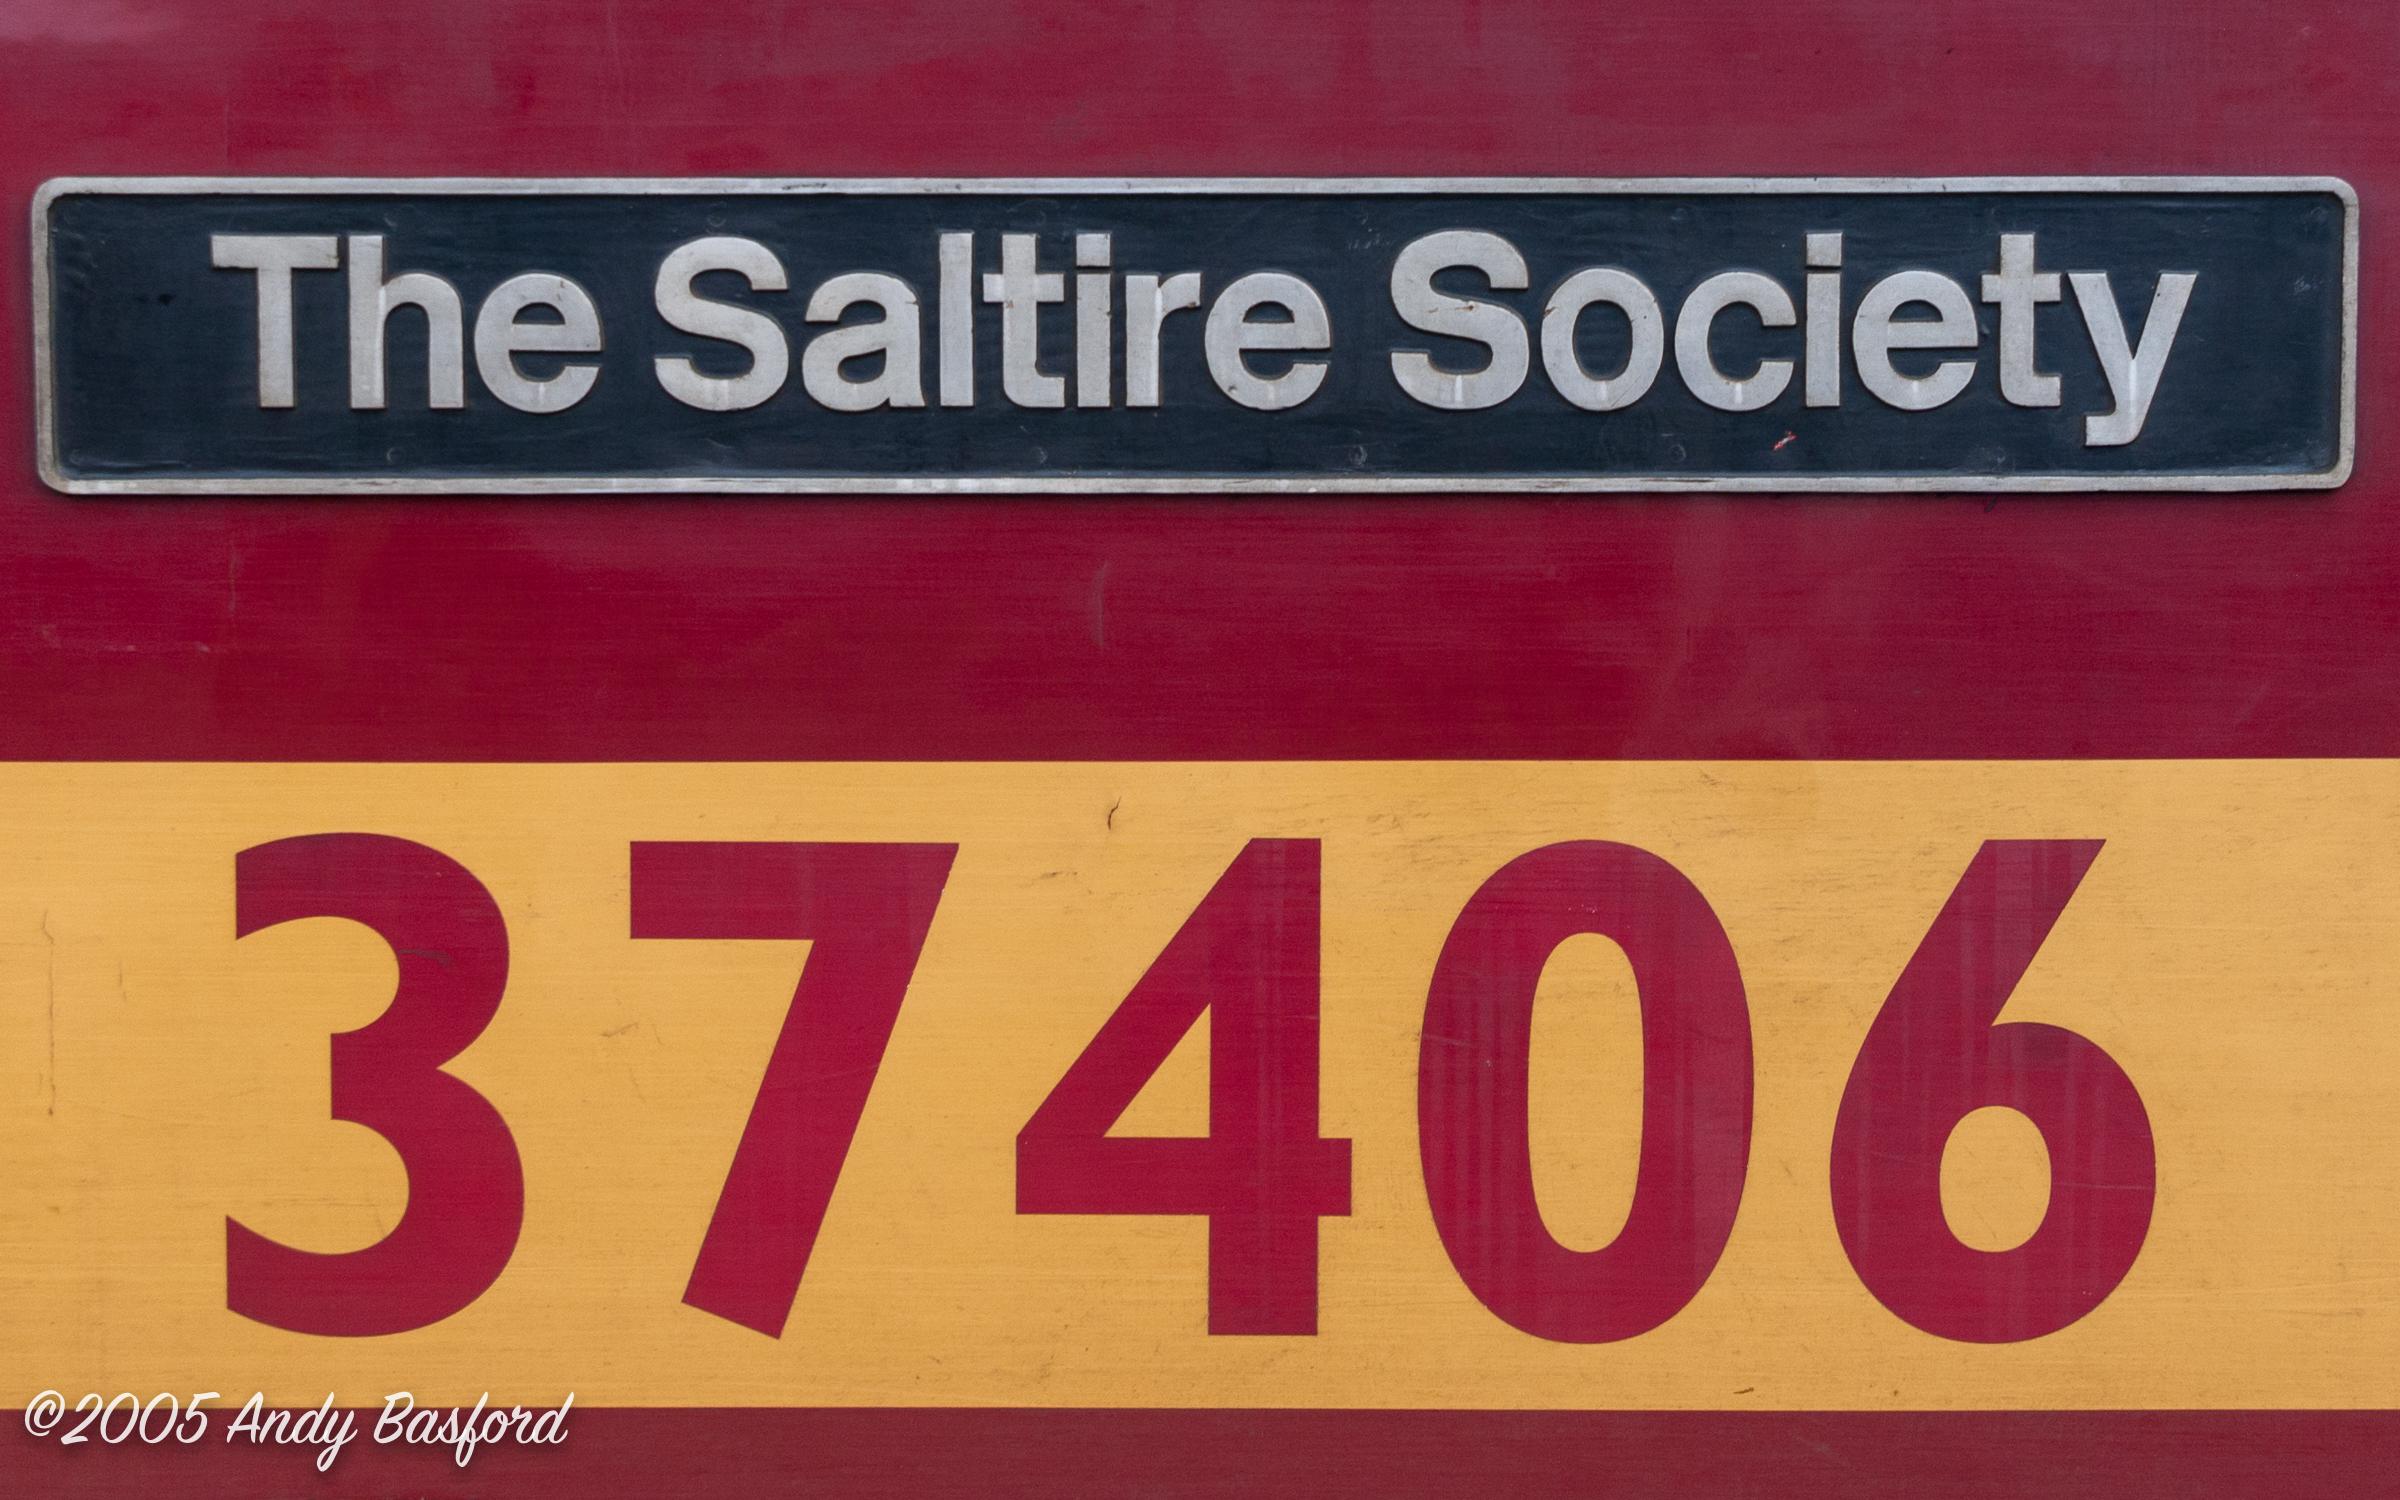 37406 (nameplate)-20050905